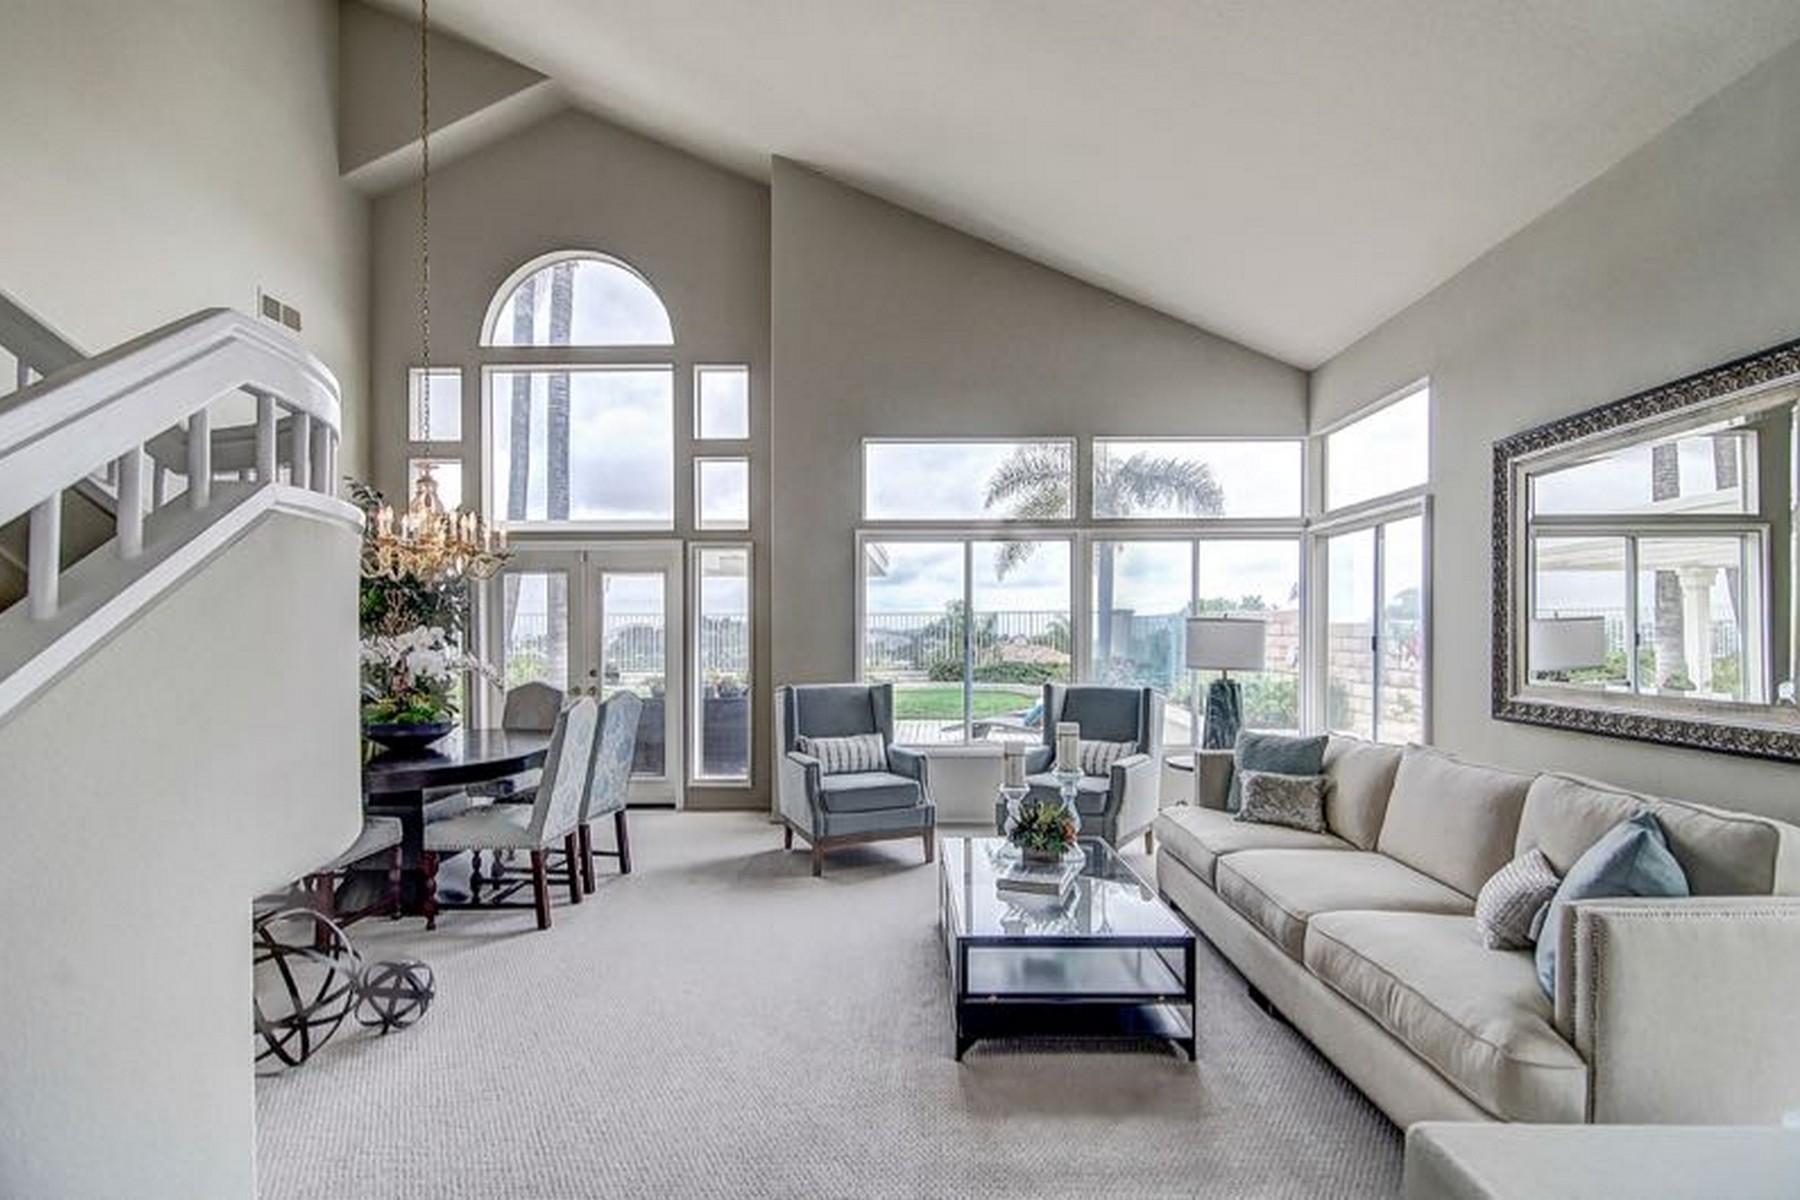 独户住宅 为 销售 在 30616 Mirandela Ln. 尼古胡, 加利福尼亚州, 92677 美国